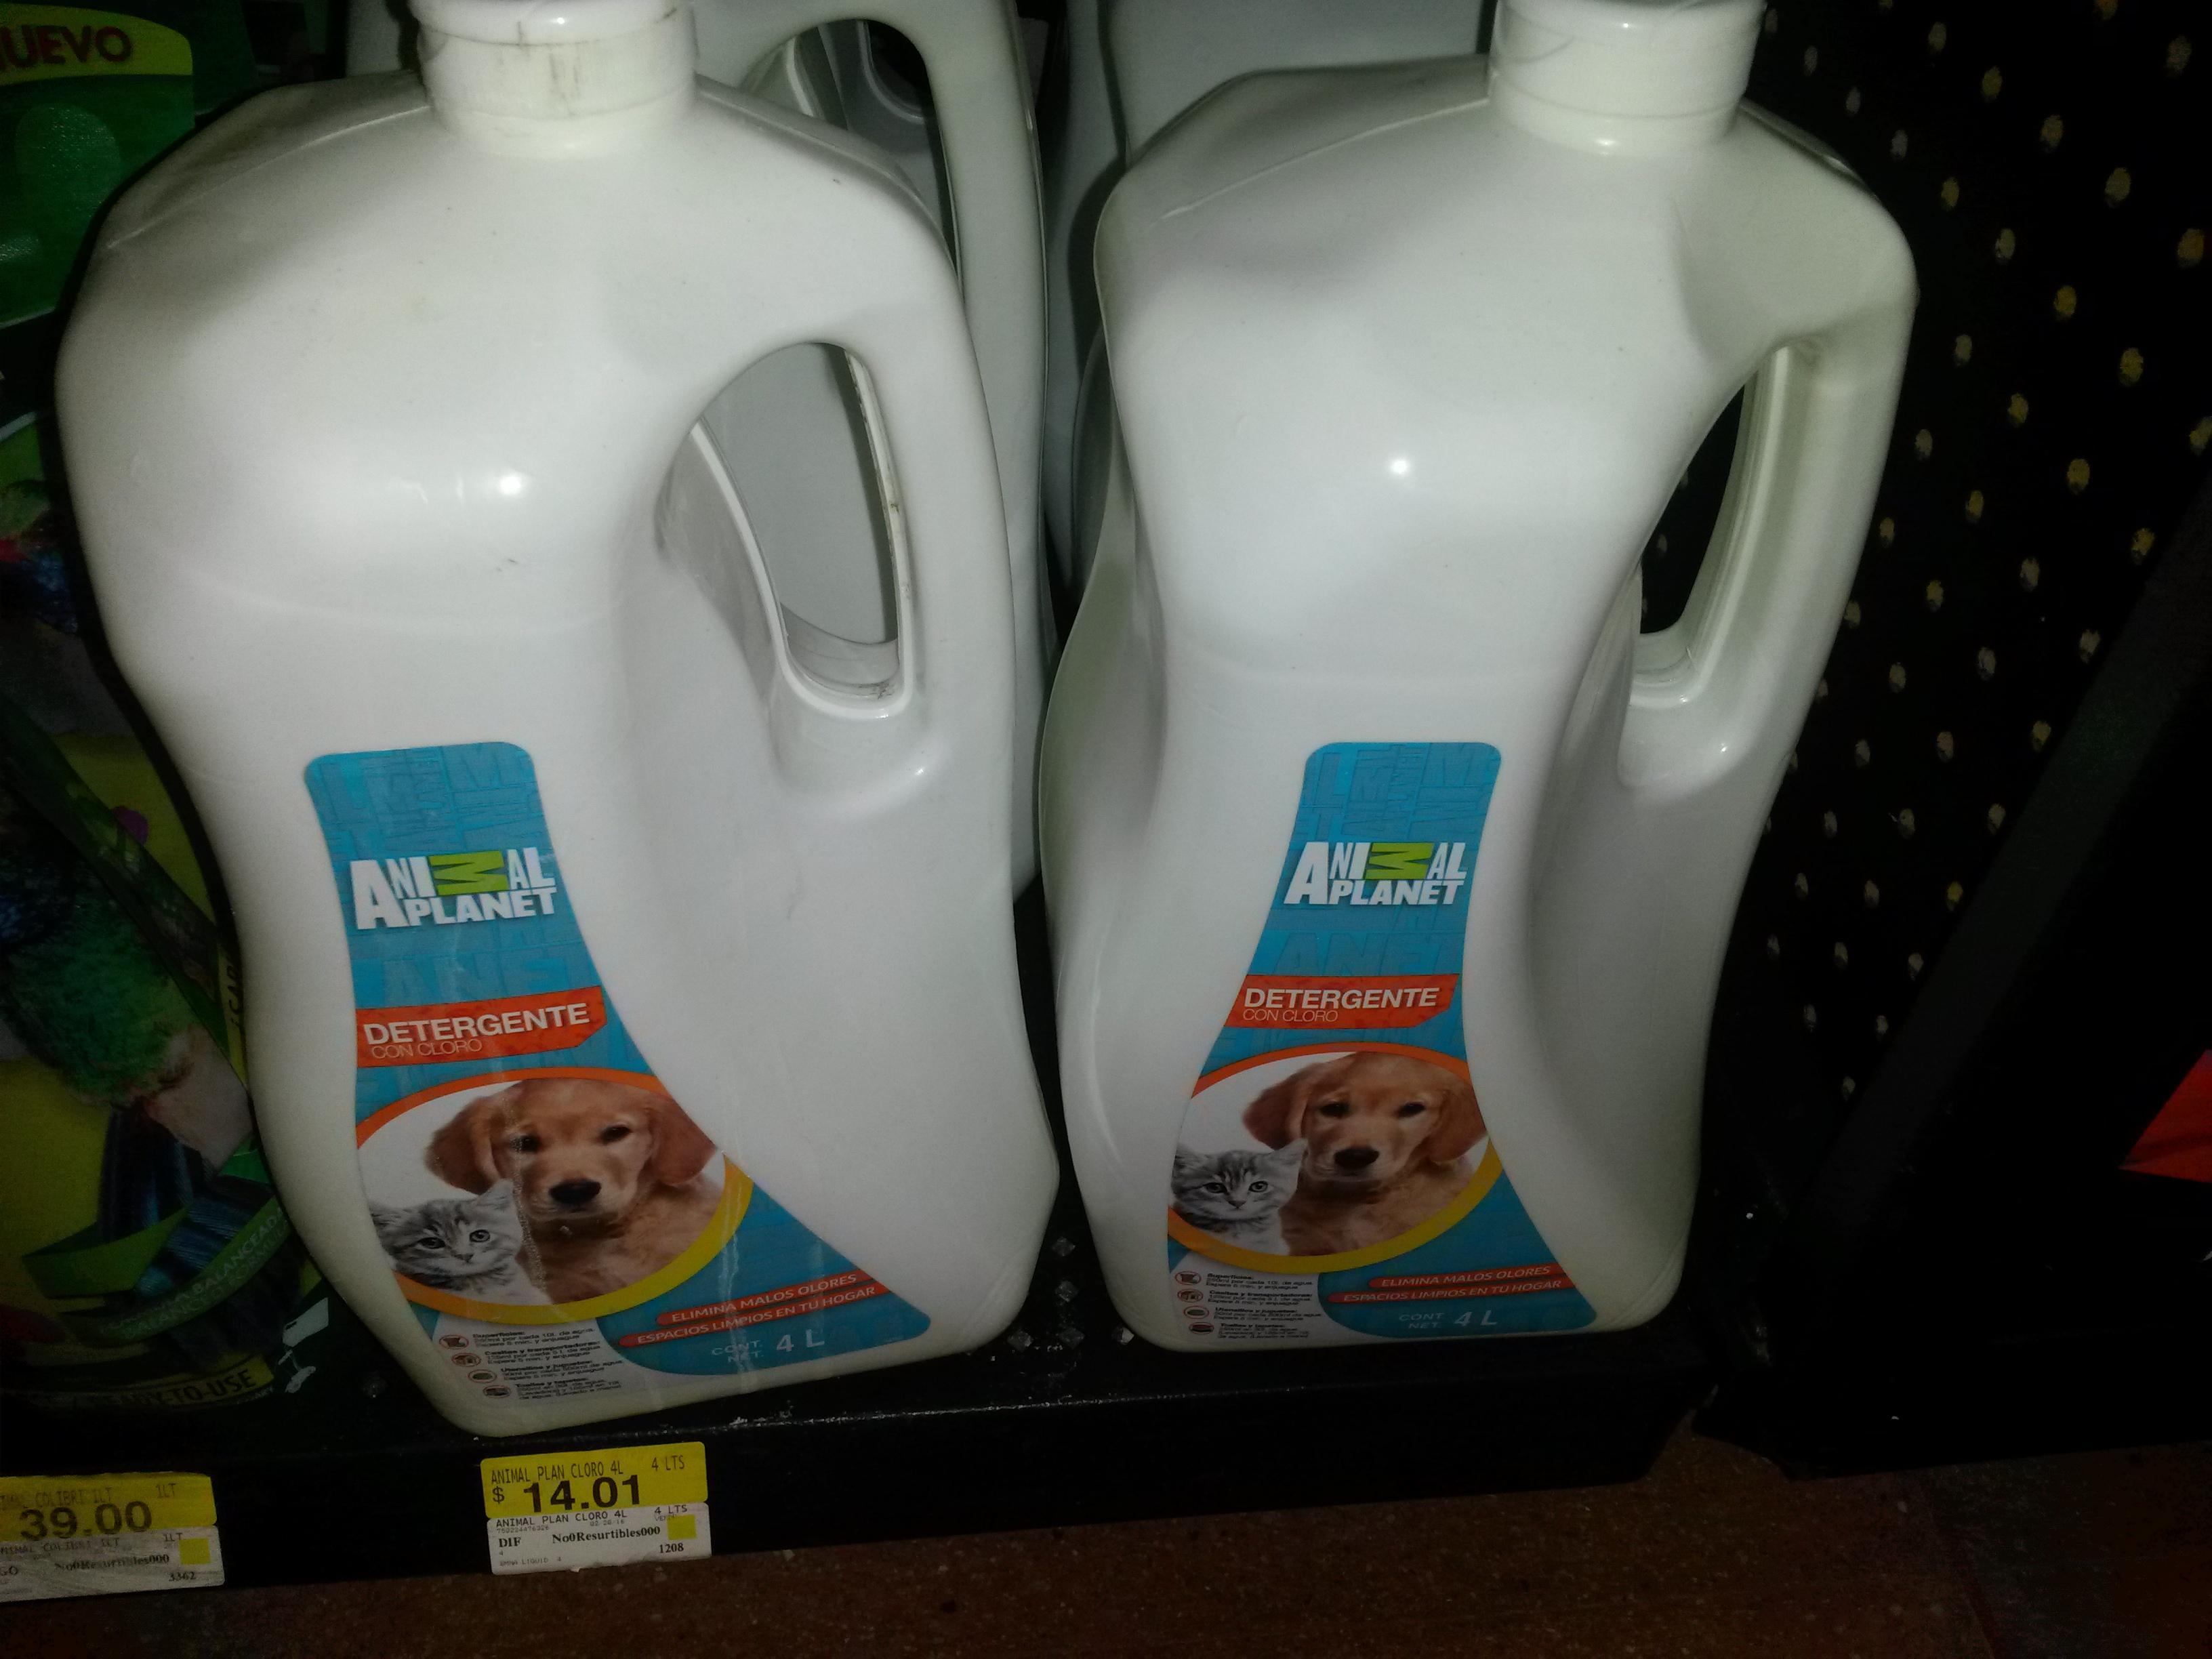 Walmart Universidad: detergente con cloro marca Animal Planet